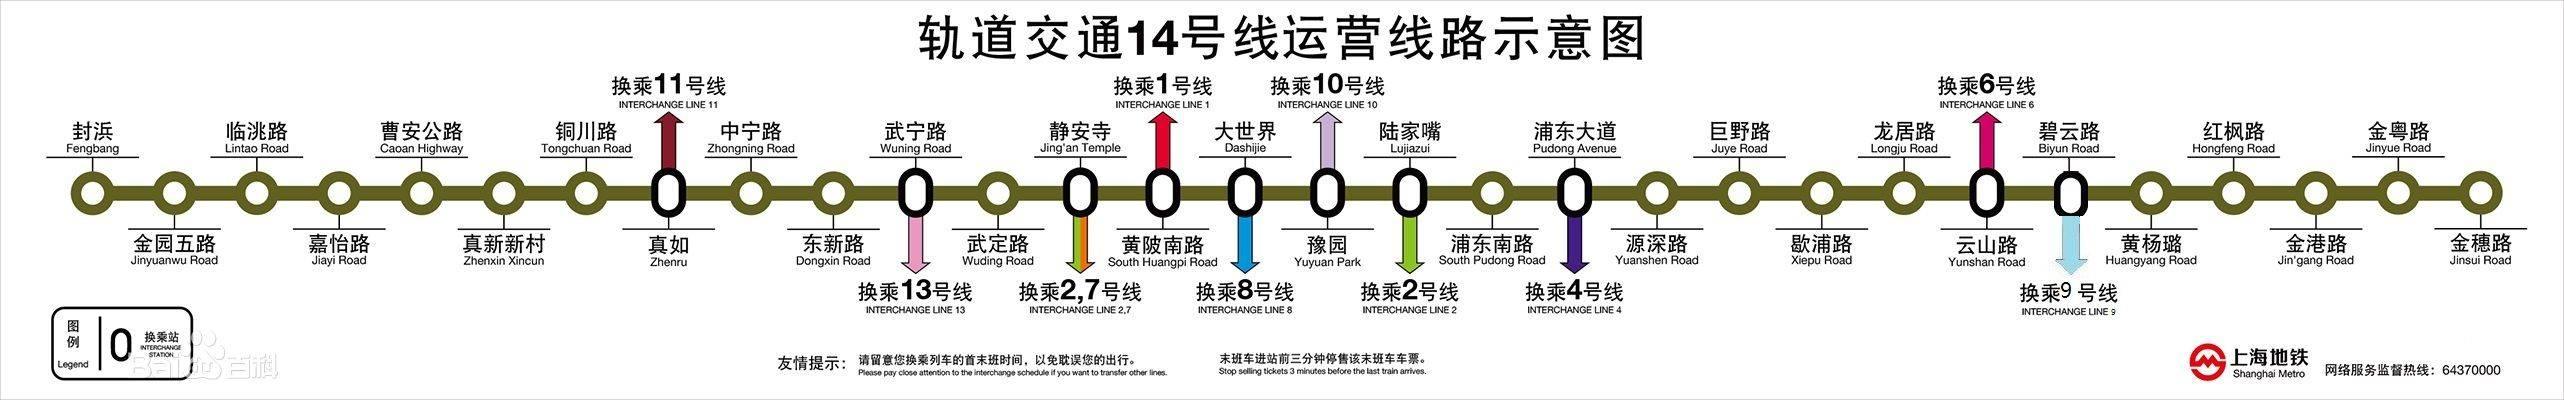 新葡新京地铁14号线最新线路图及站点设置